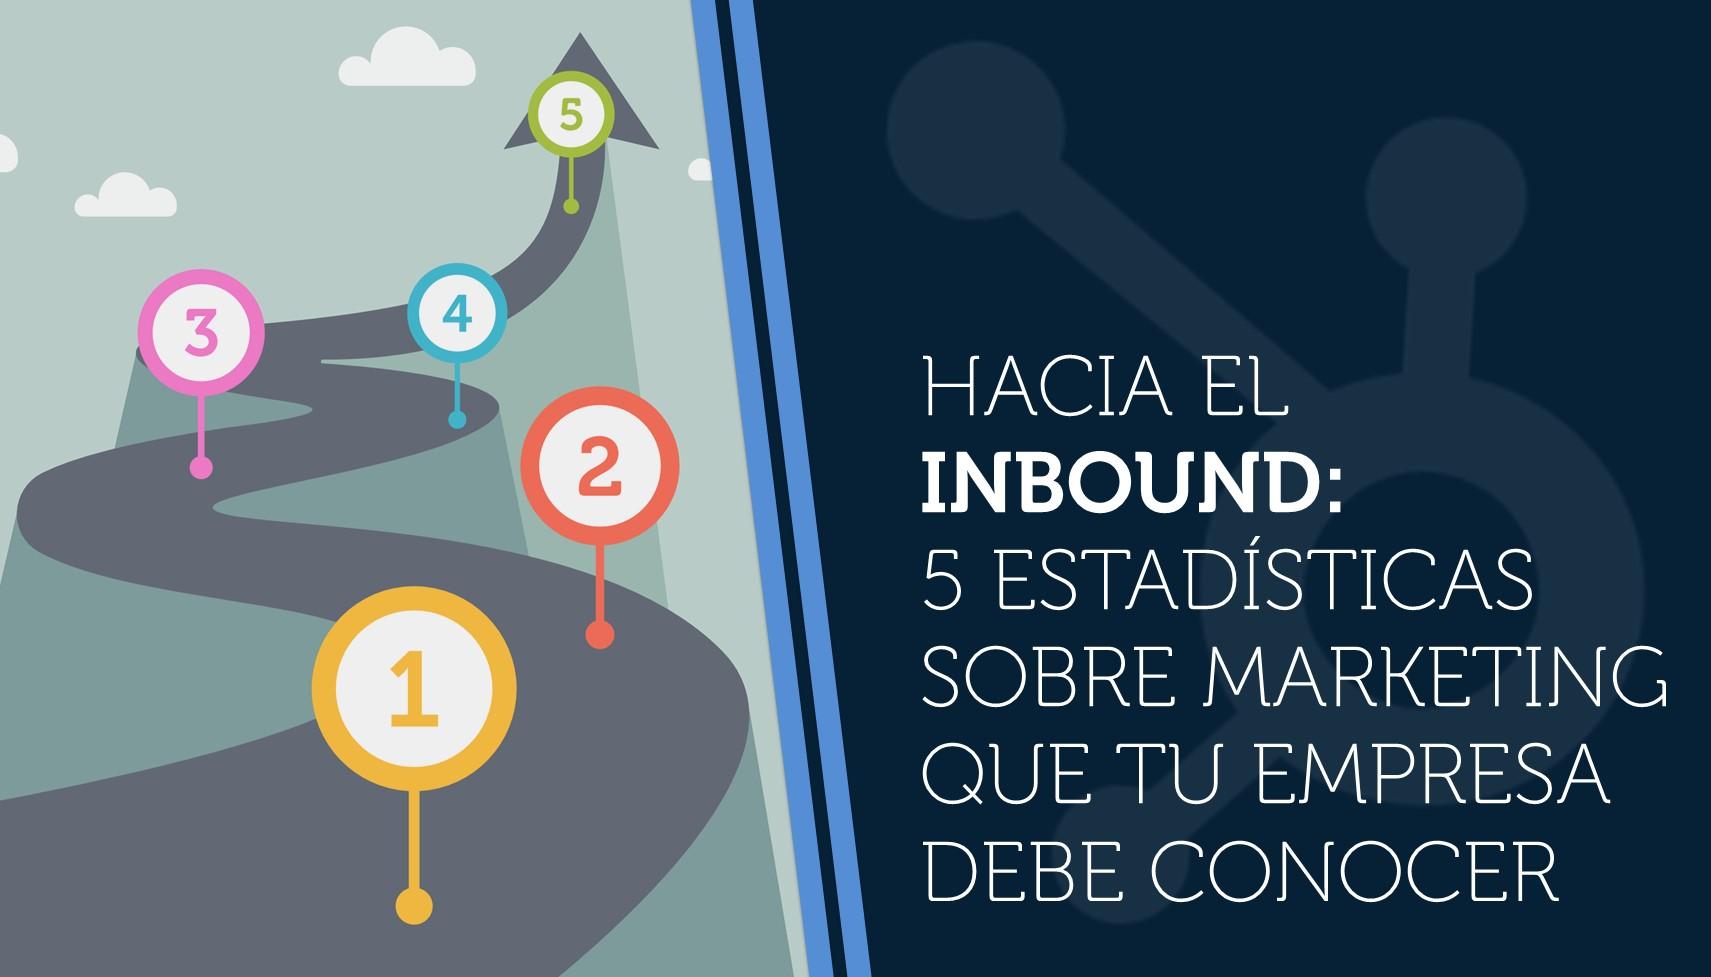 Hacia el inbound: 5 estadísticas sobre marketing que tu empresa debe conocer